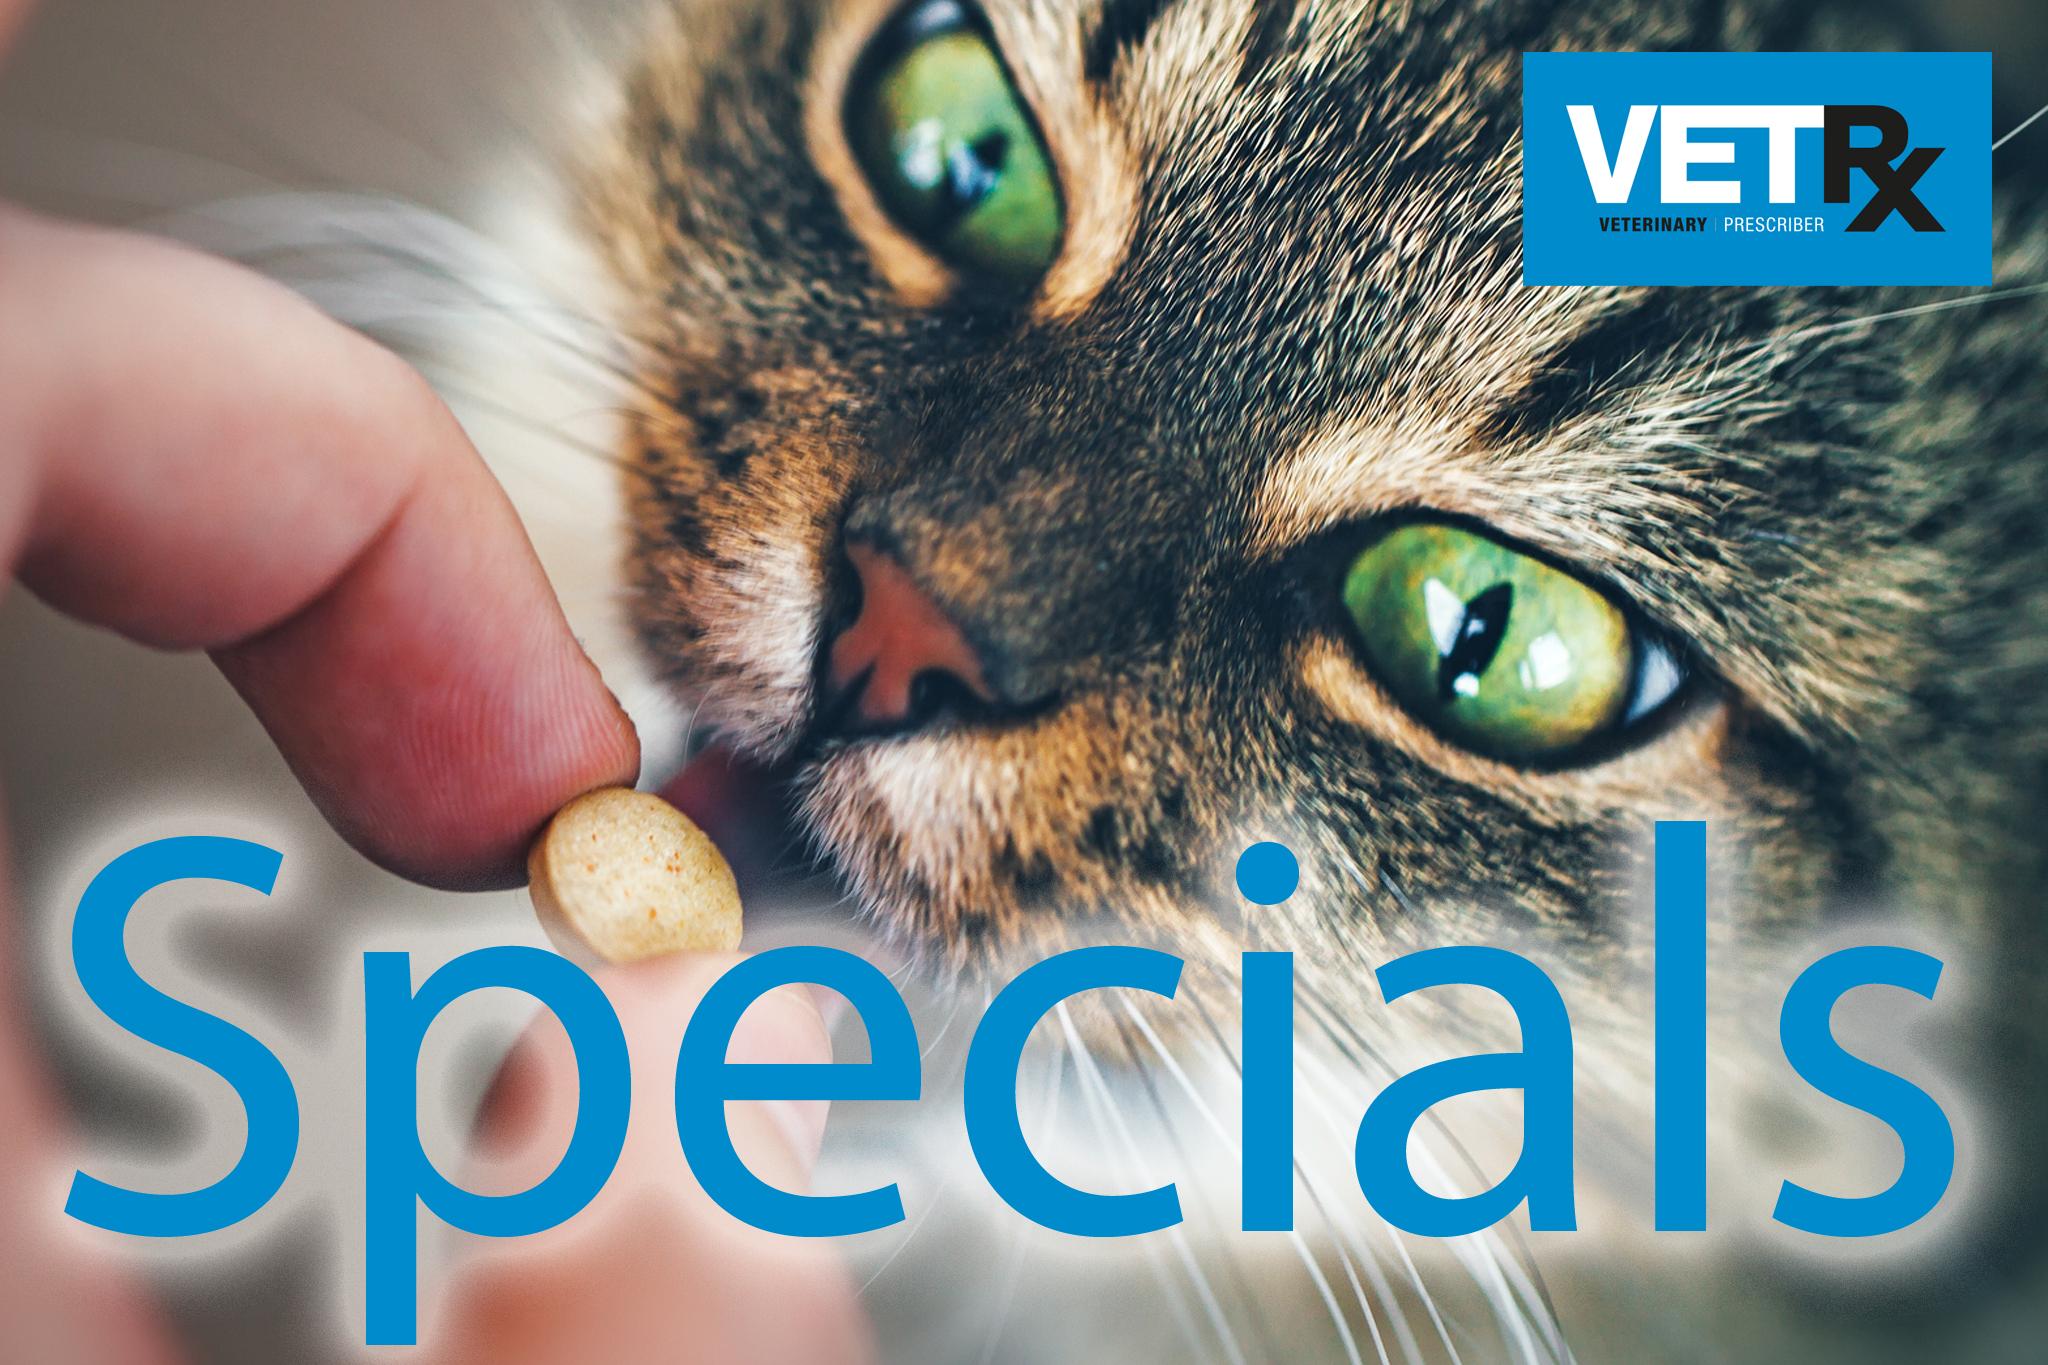 Specials-02.jpg